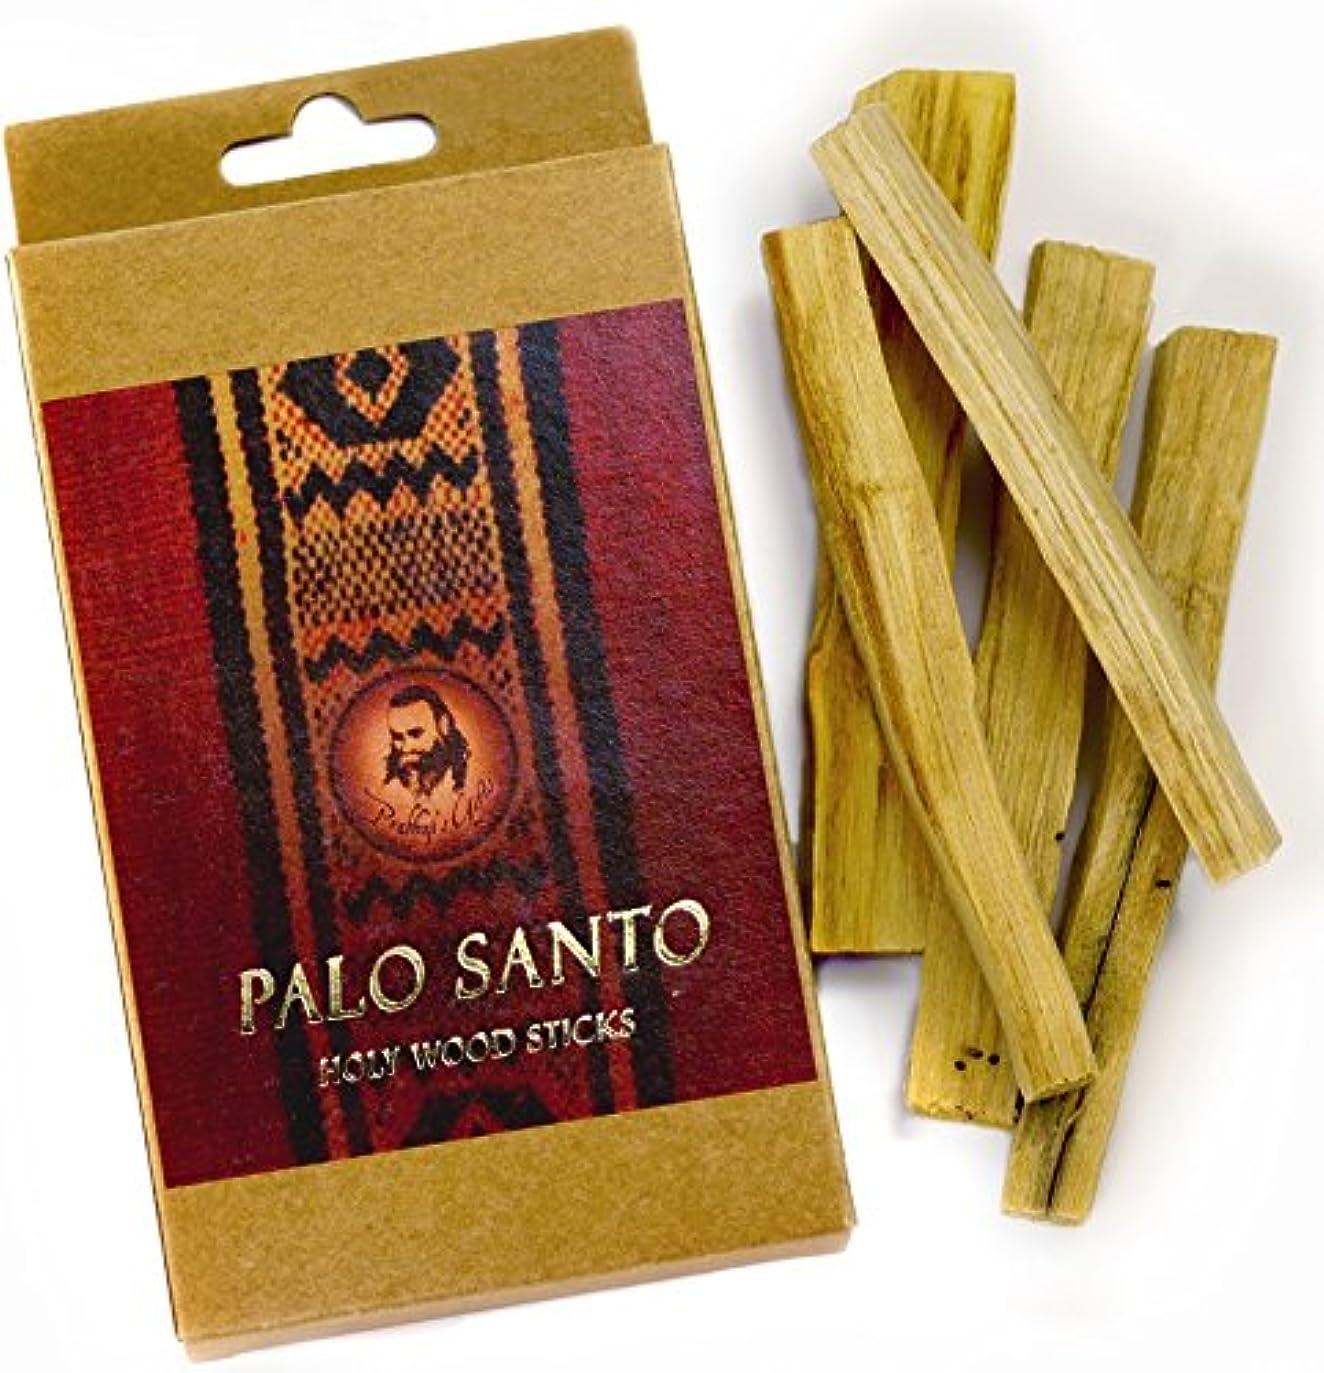 ウィンク戦士無意味Palo Santo Raw Incense木製 – 標準 – 5 Sticks